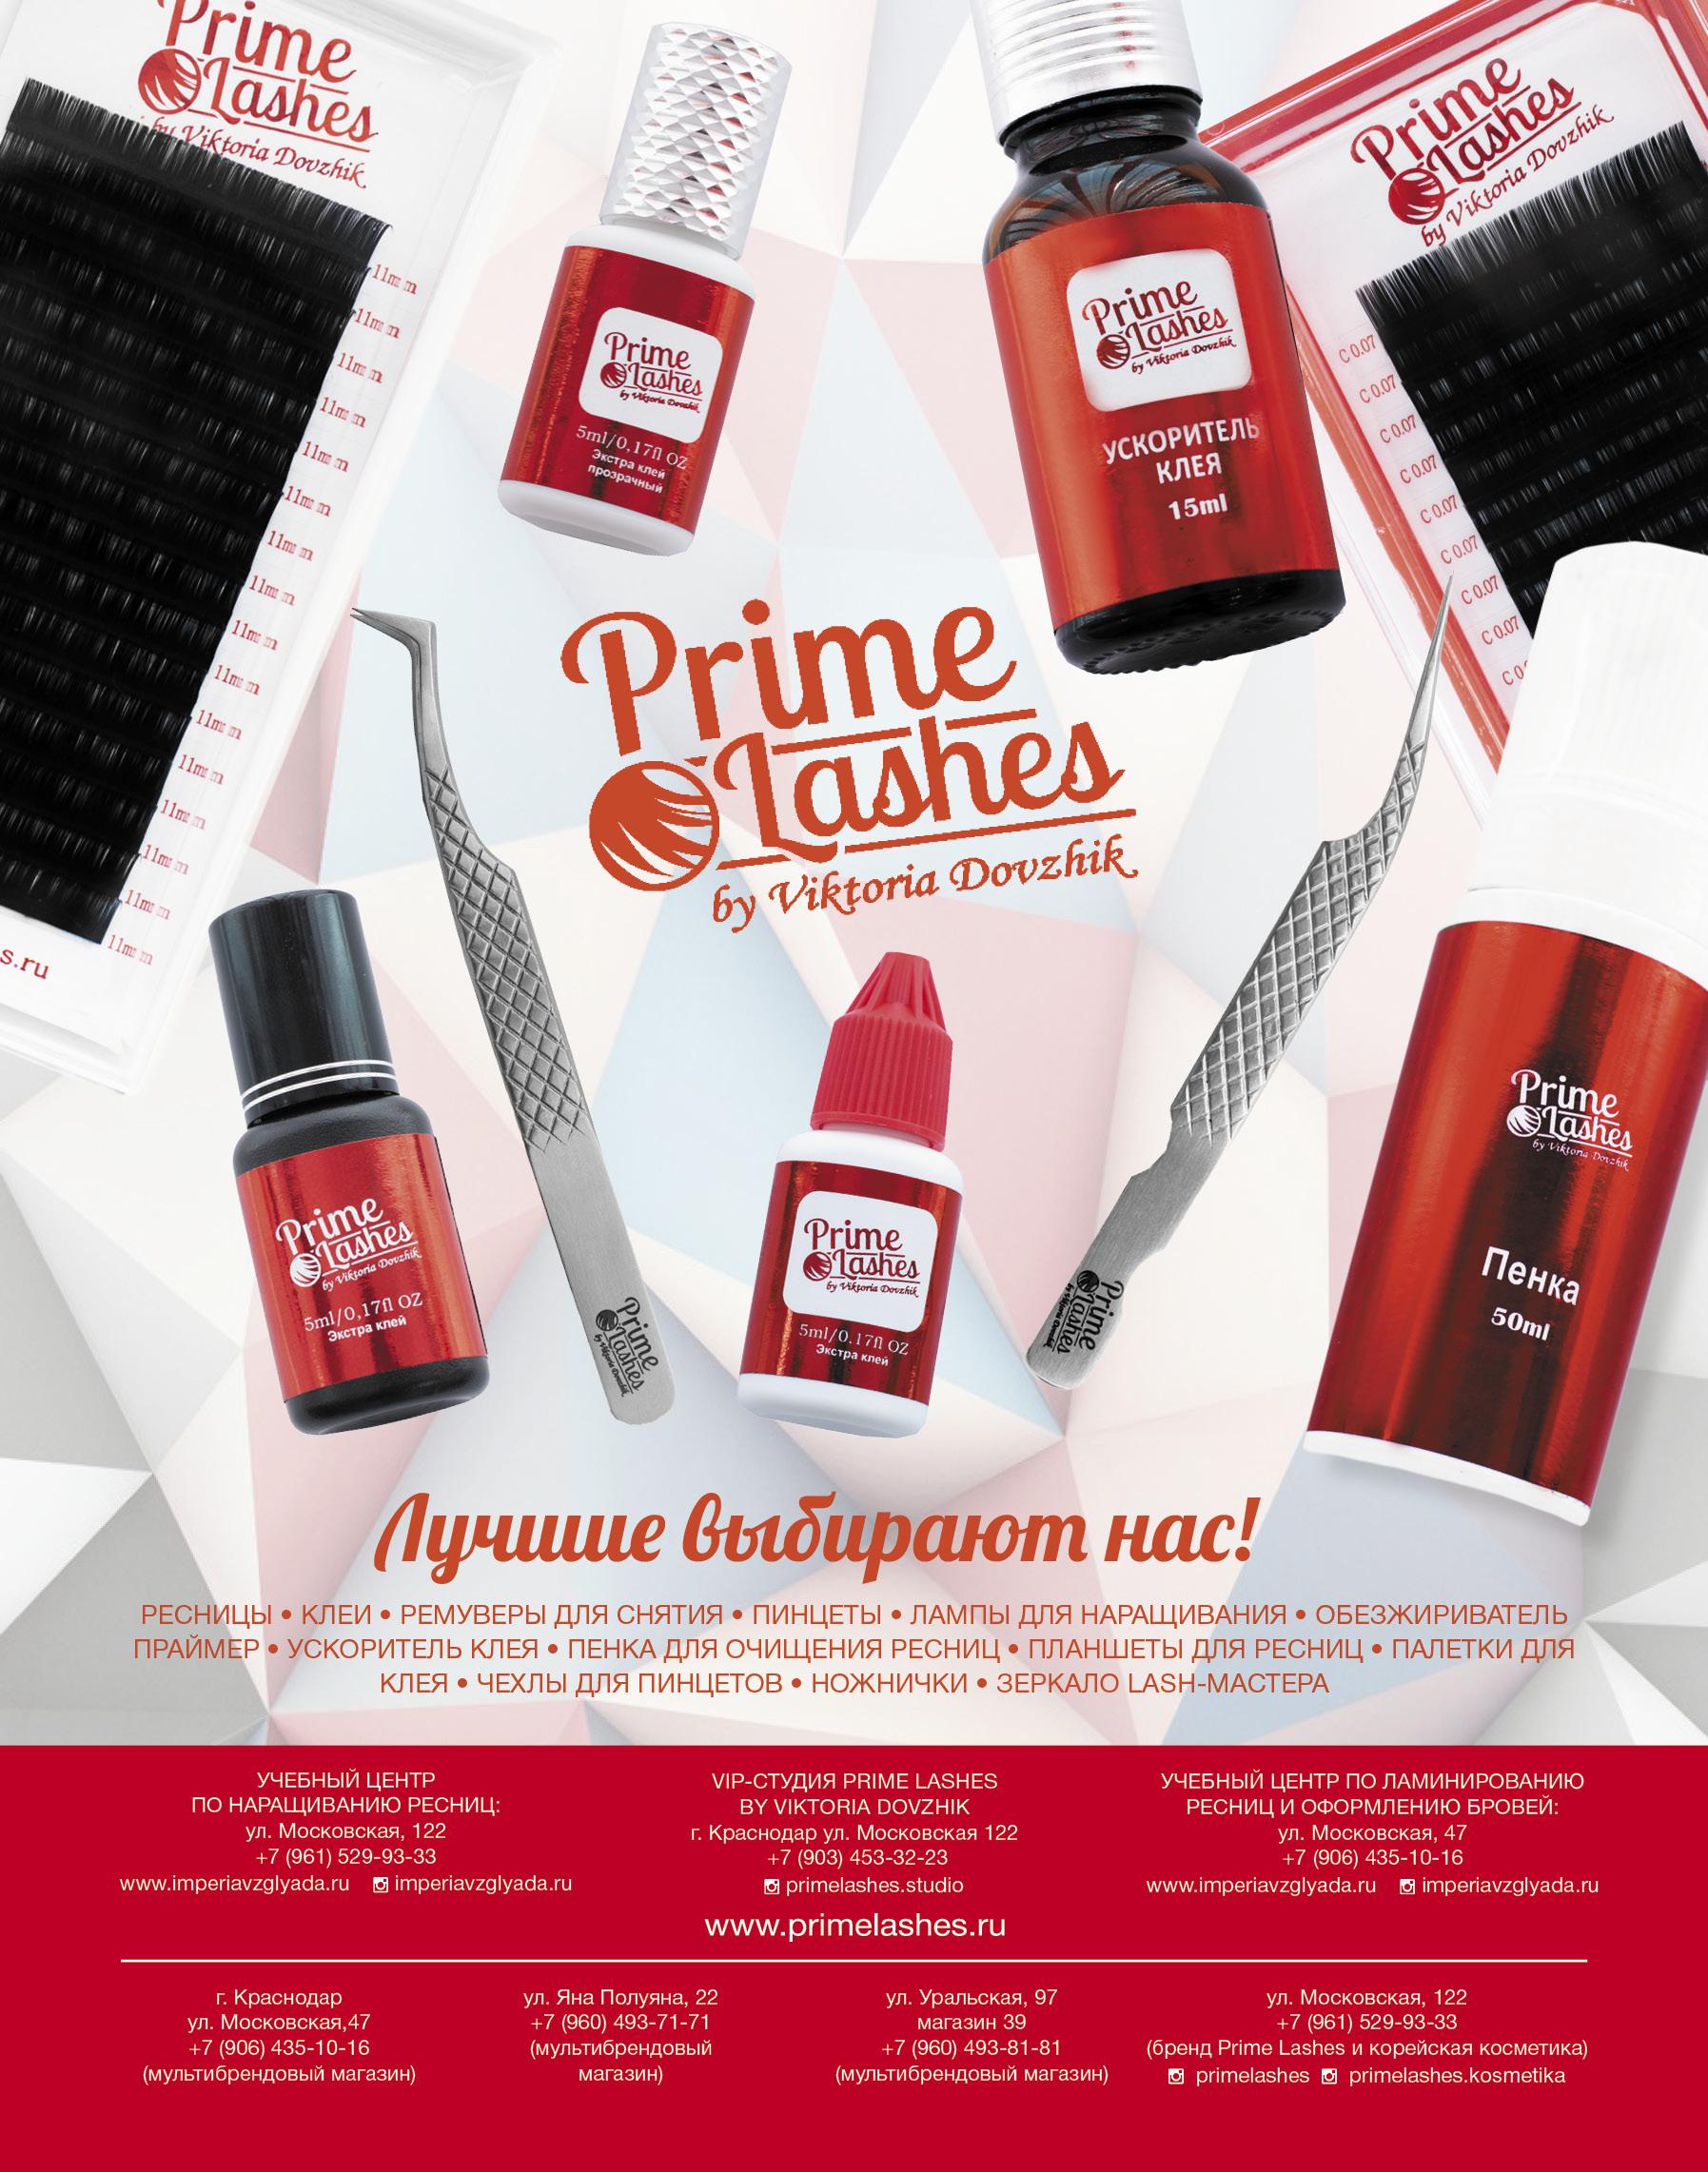 primelashes_dovzhik_bloggmagazine